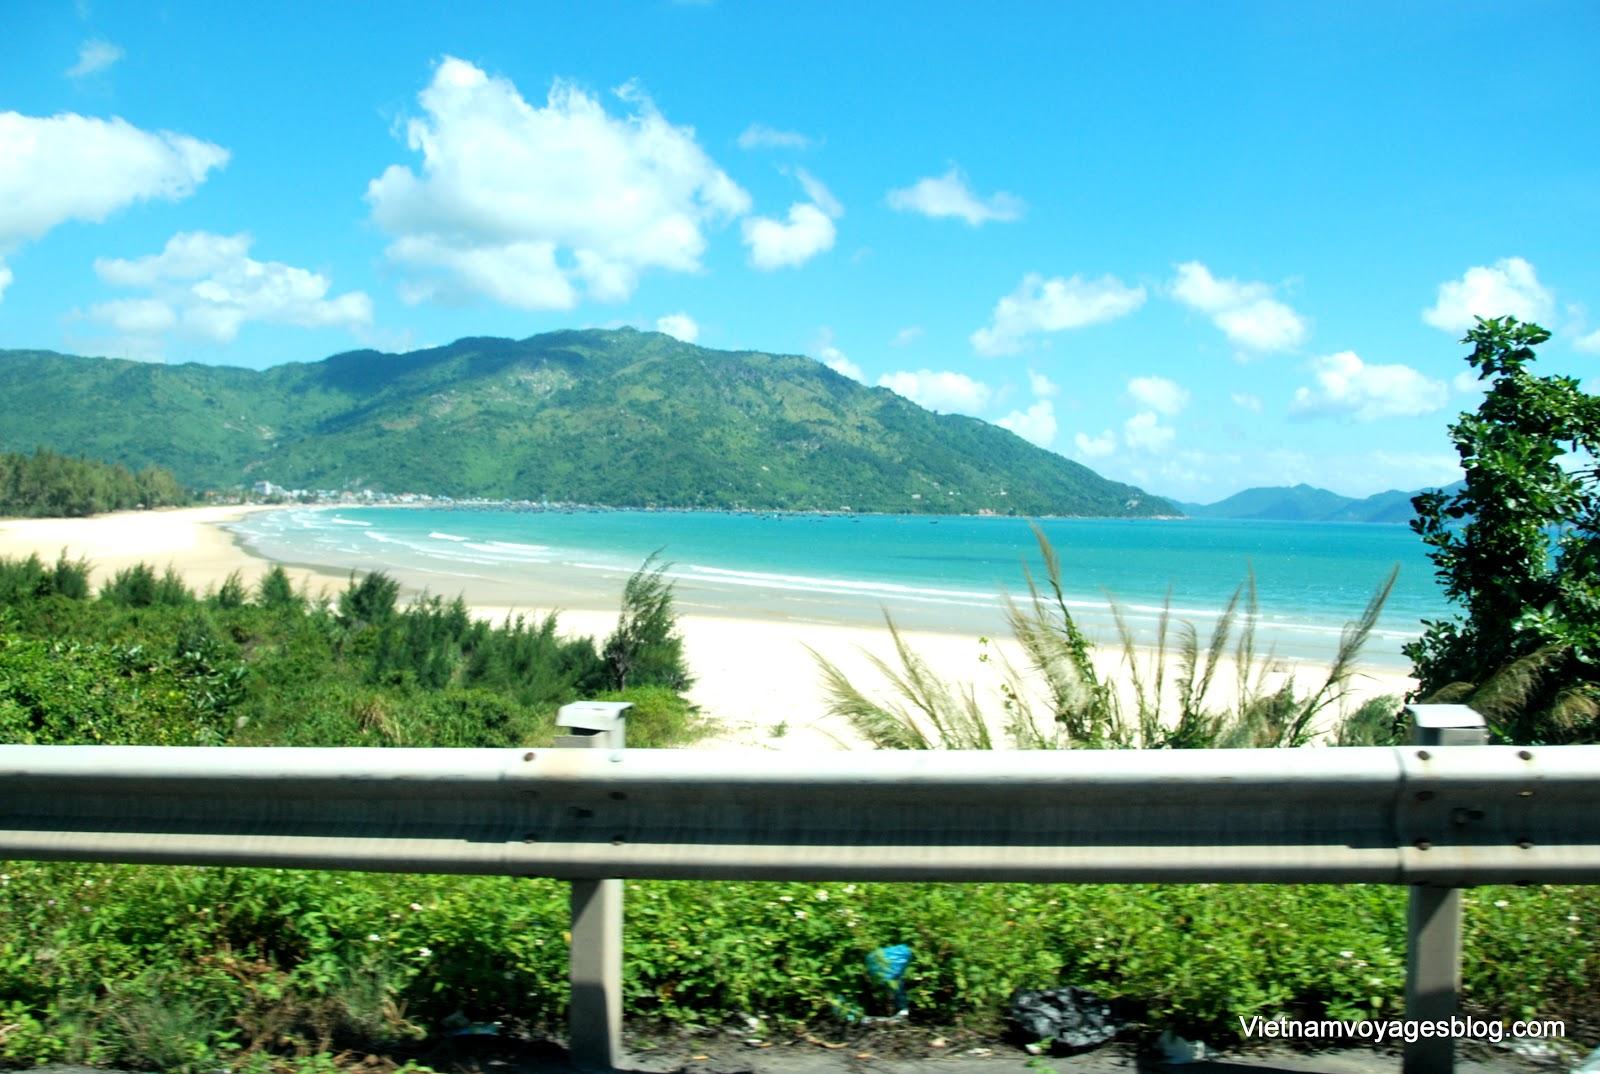 Du lịch biển Đại Lãnh ở Khánh Hòa